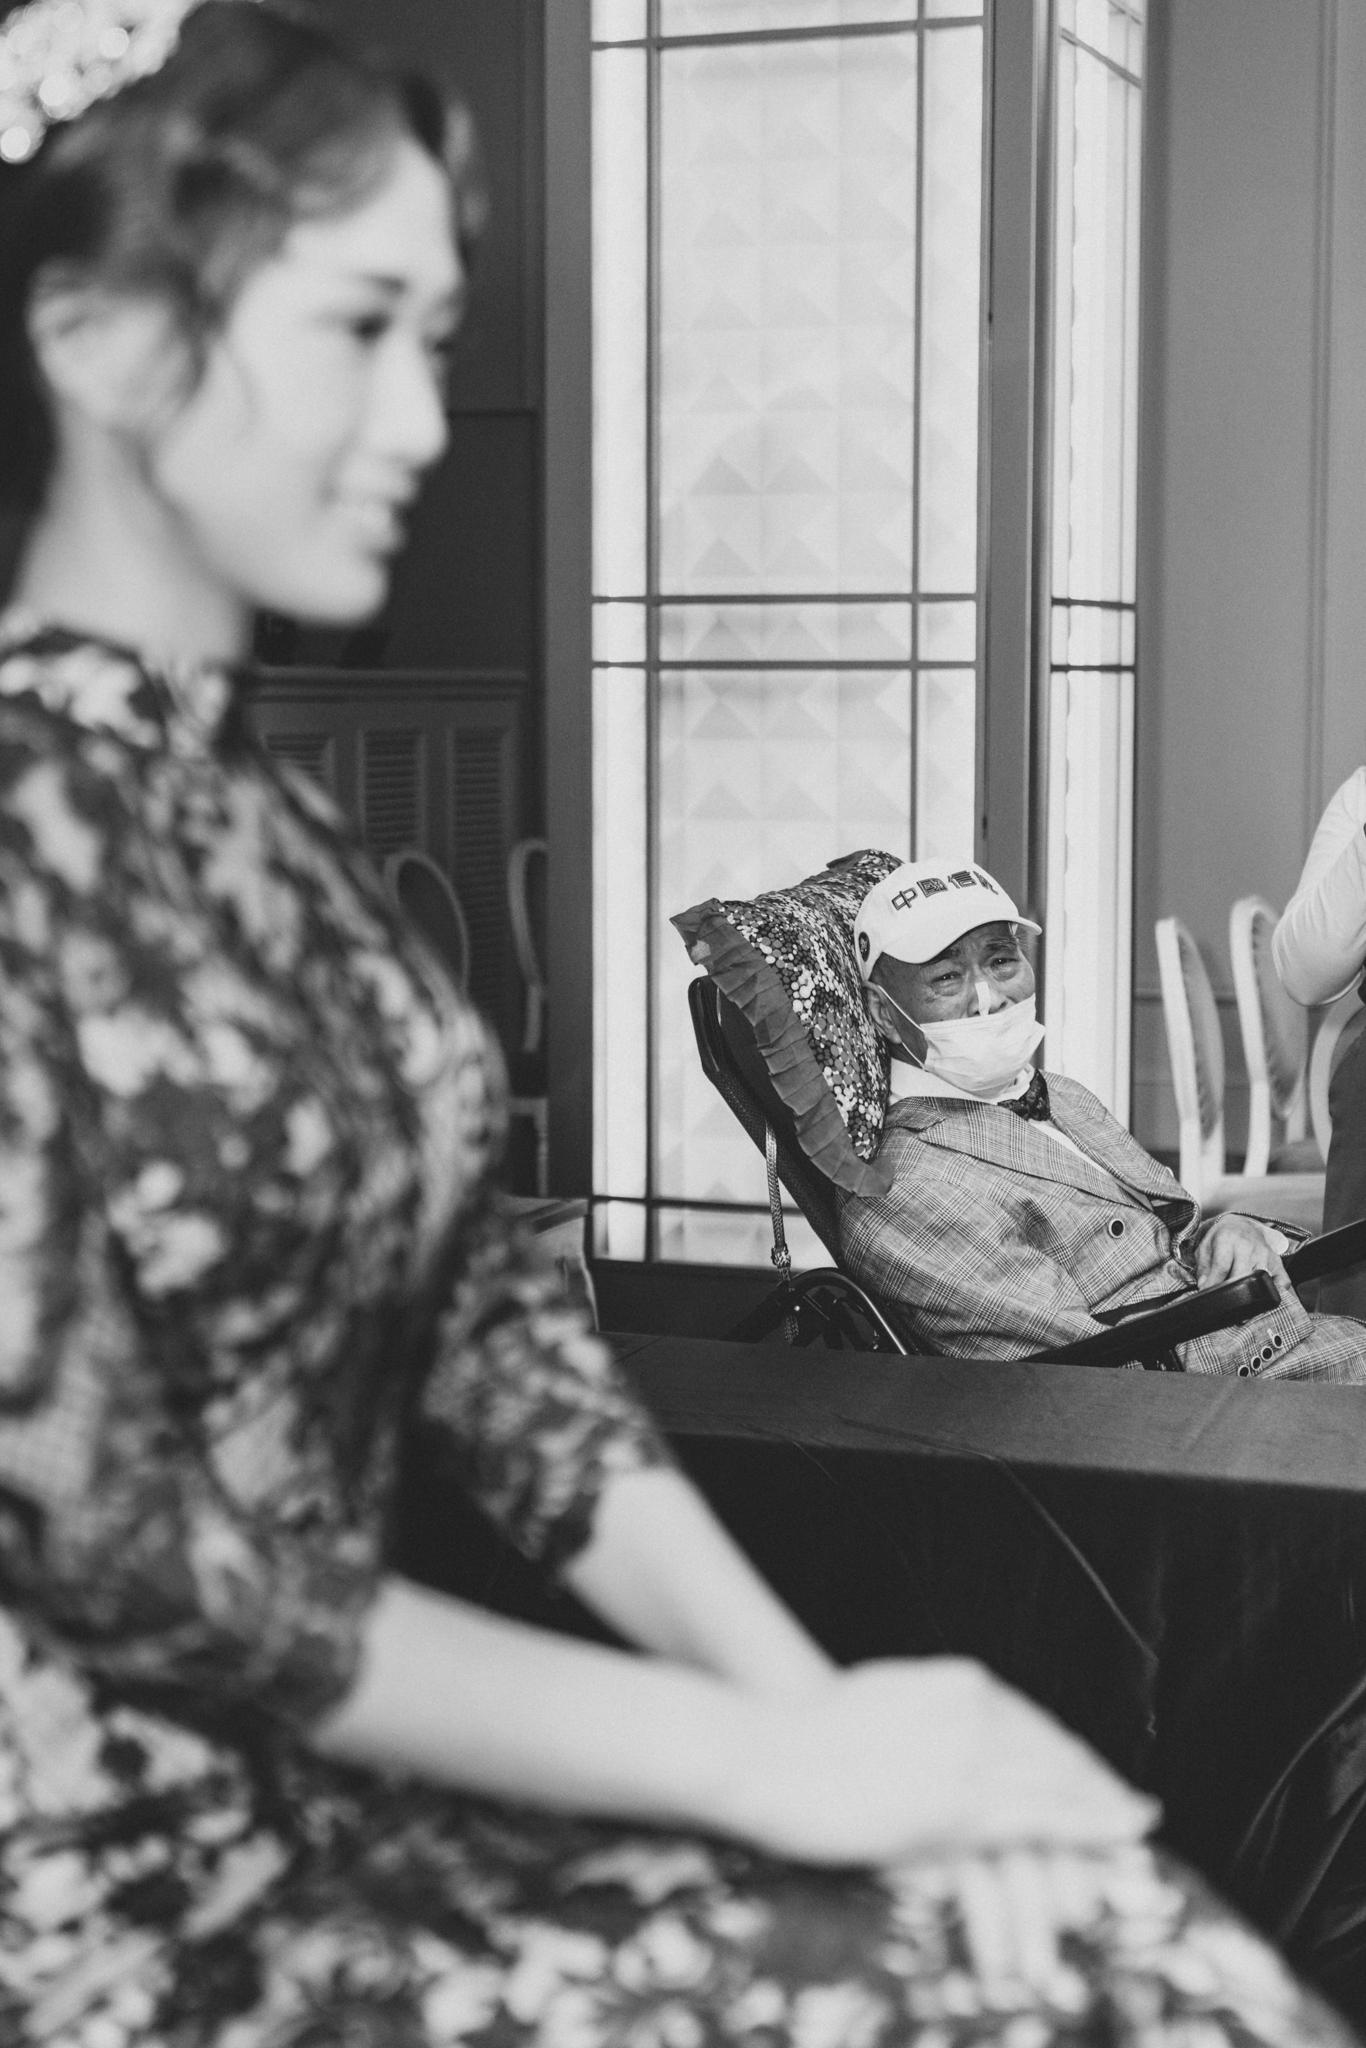 """""""美式婚紗.美式婚禮.婚禮.互動婚紗.自然婚紗.柔美婚紗.笑容.情感.台北.翡麗詩莊園.婚紗.攝影師.台北攝影.桃園攝影.新竹攝影.北部攝影.冬伴影像"""""""